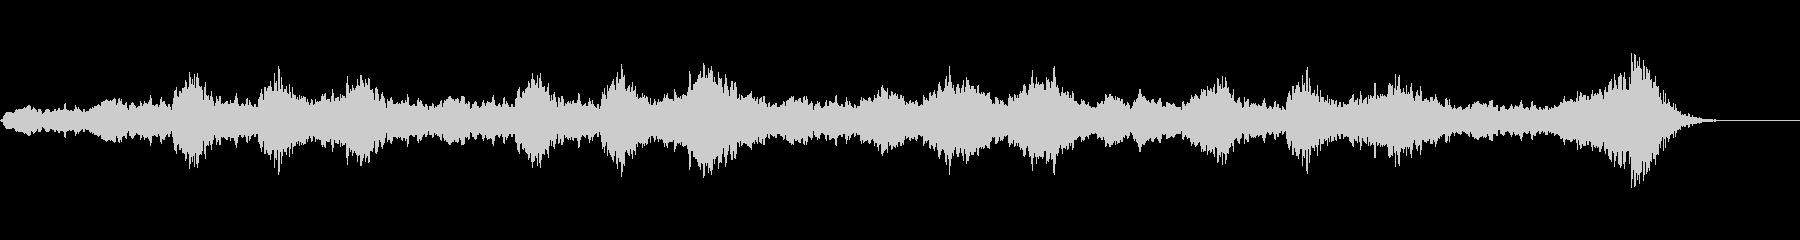 ゆったり優しい、透明感のあるハンドベル曲の未再生の波形